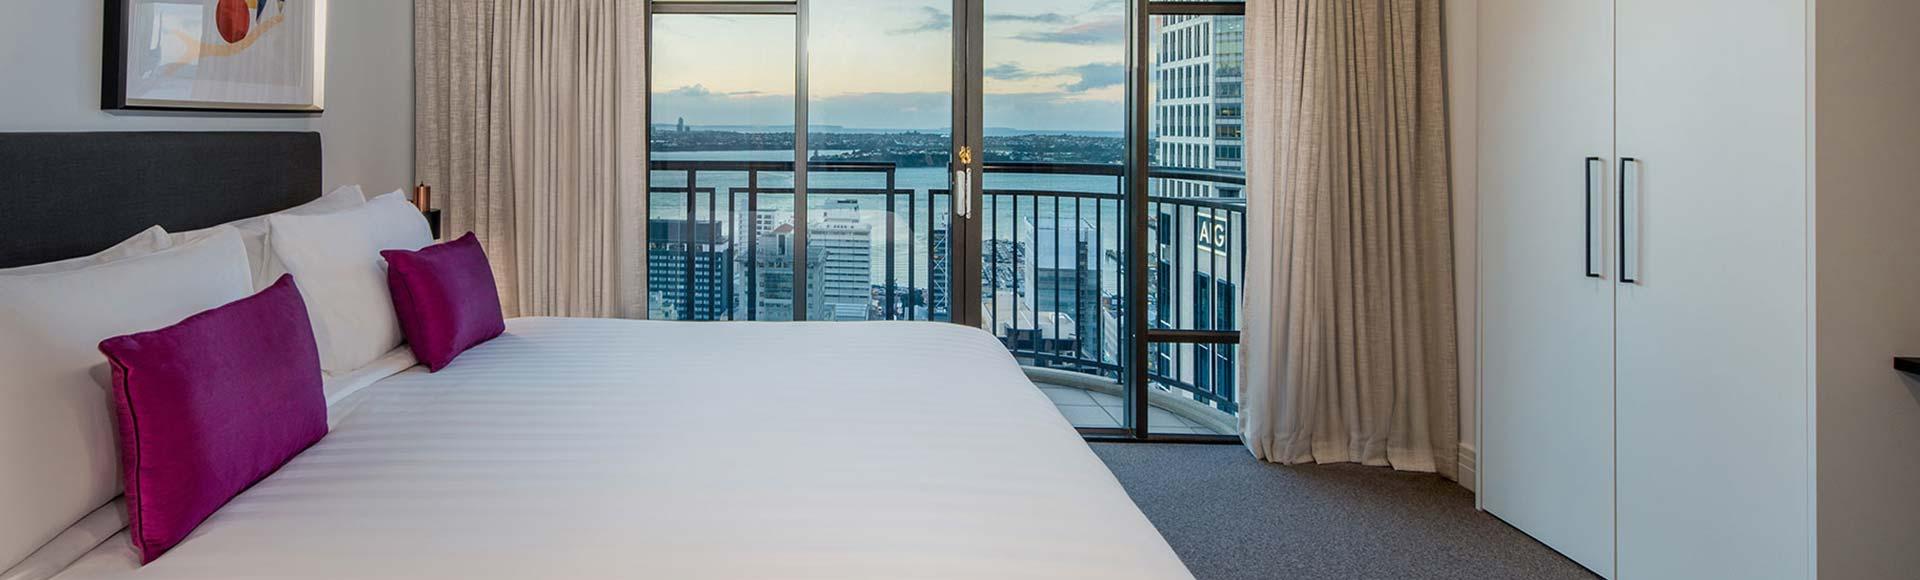 Avani Metropolis 1 Bedroom Suite Sweet Deal